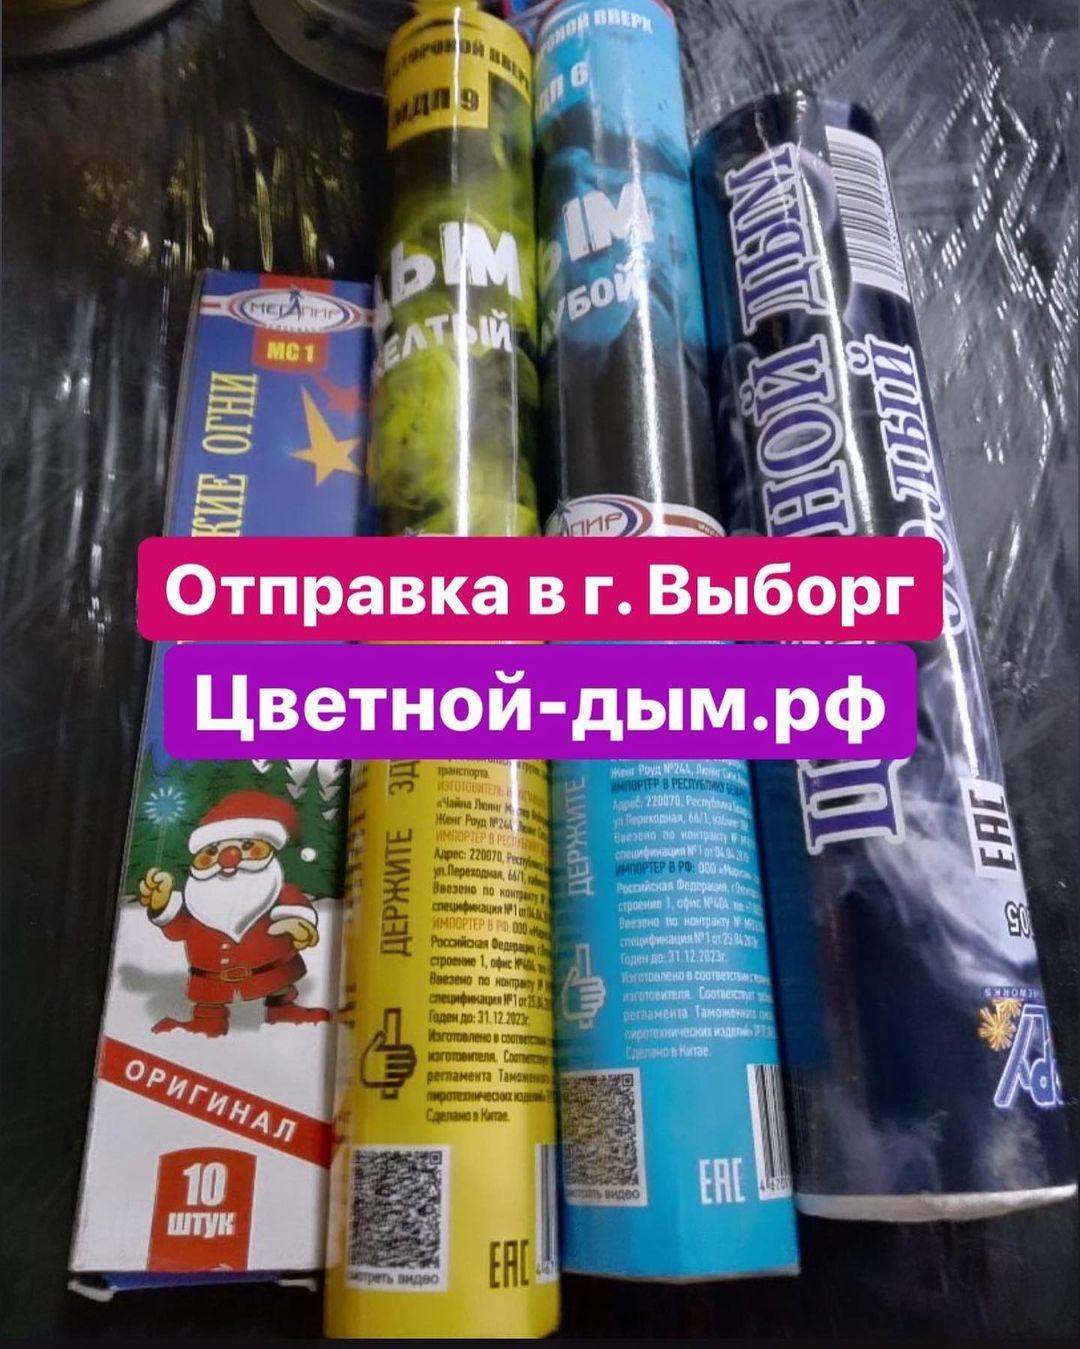 Цветной дым и бенгалки в подарок - Цветной-дым.рф отзывы